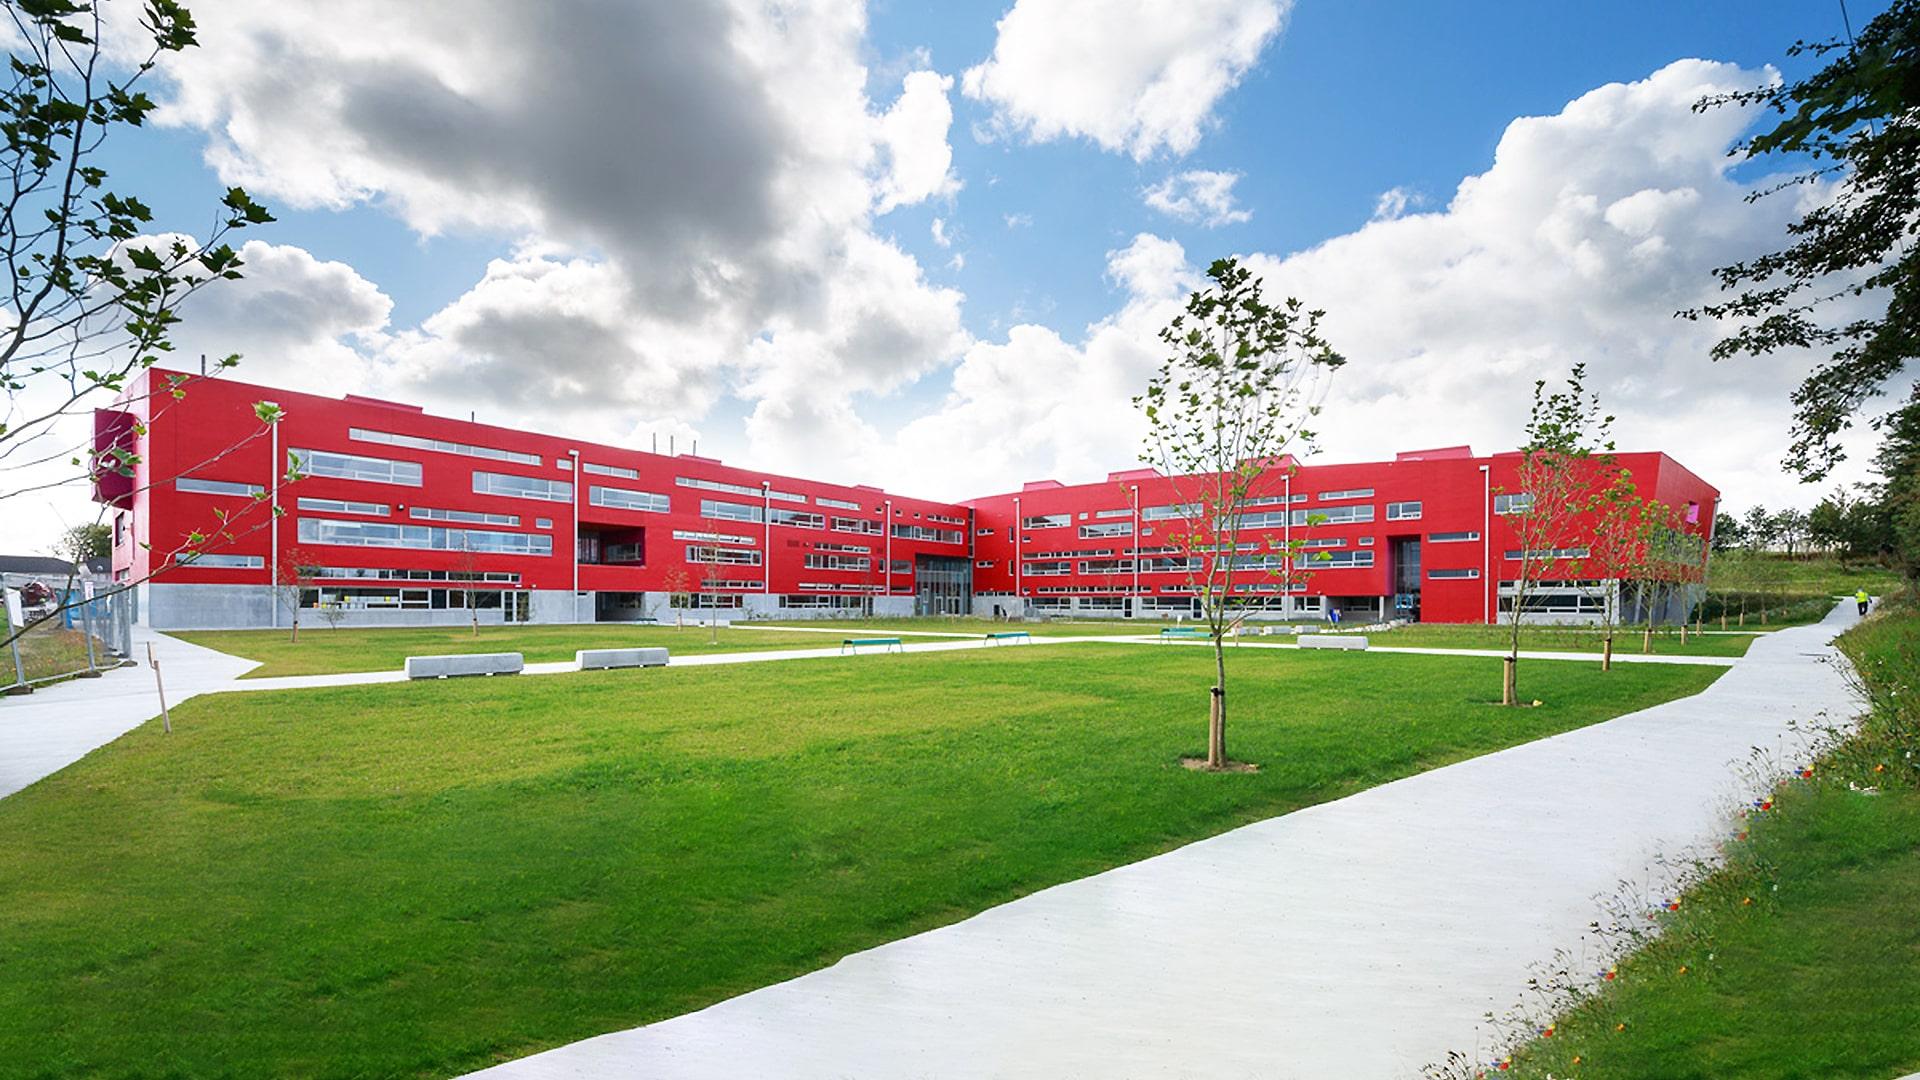 Colegio año escolar en Irlanda Athlone Community College